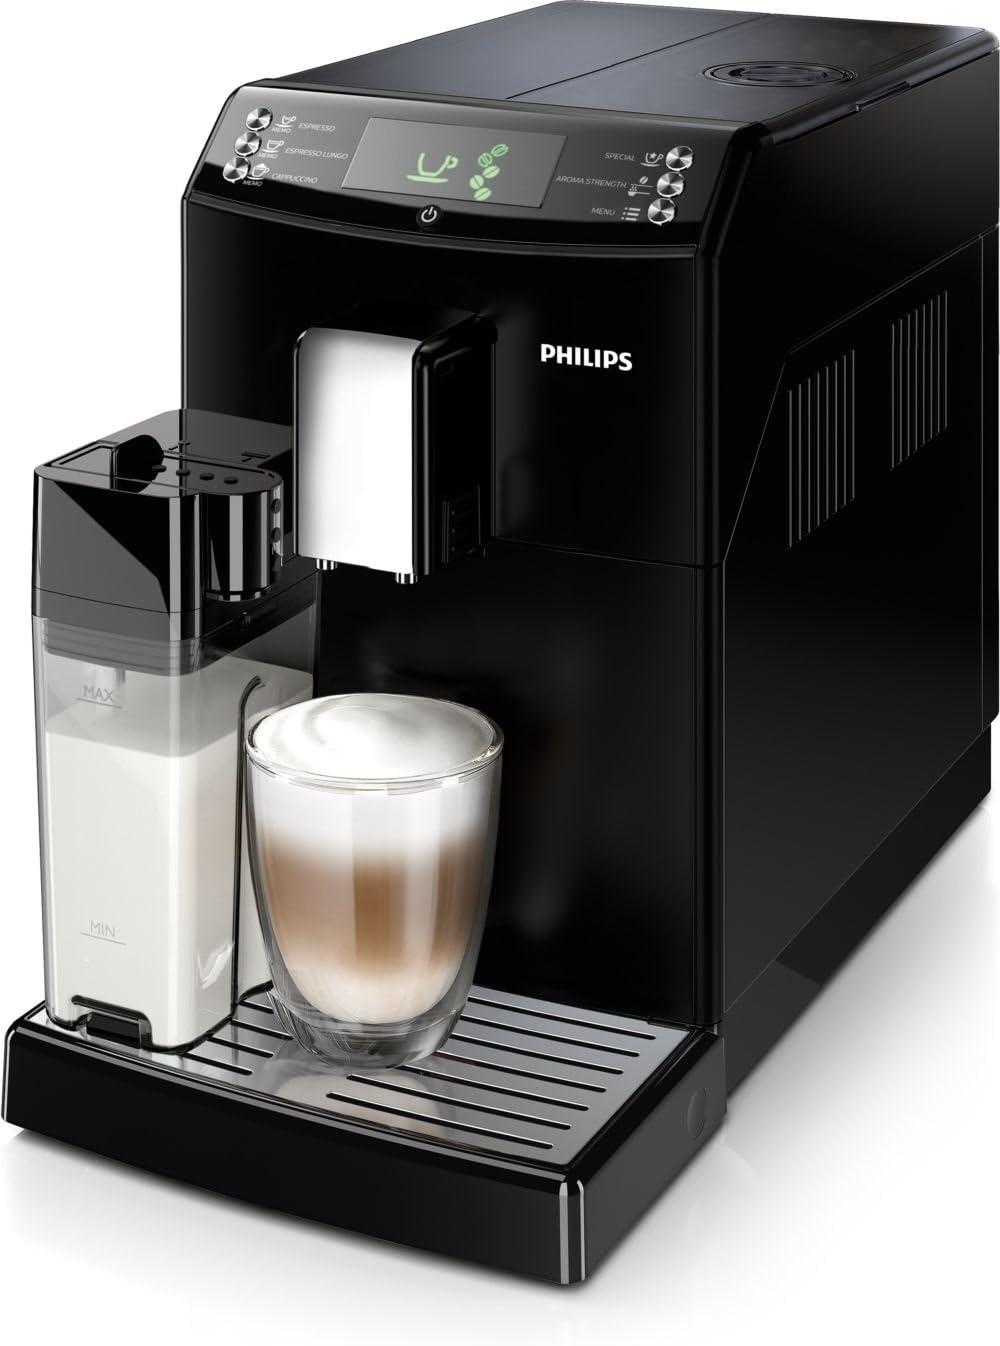 Philips 3100 series HD8834/09 - Cafetera (Independiente, Máquina espresso, 1,8 L, Molinillo integrado, 1850 W, Negro): Amazon.es: Hogar